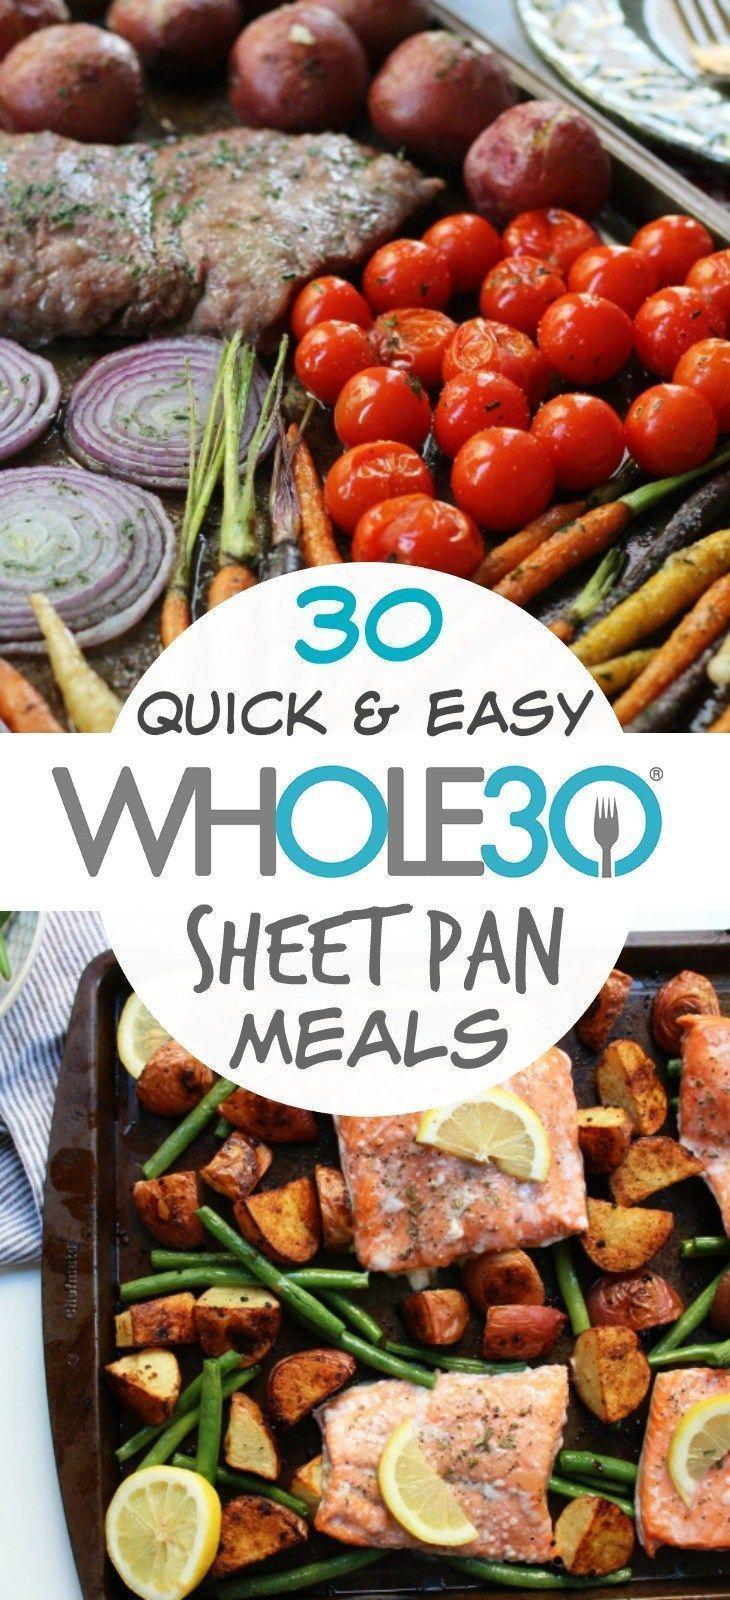 30 Rezepte für 30-Blatt-Pfannen: Die besten, schnellen und einfachen Mahlzeiten für eine Pfanne